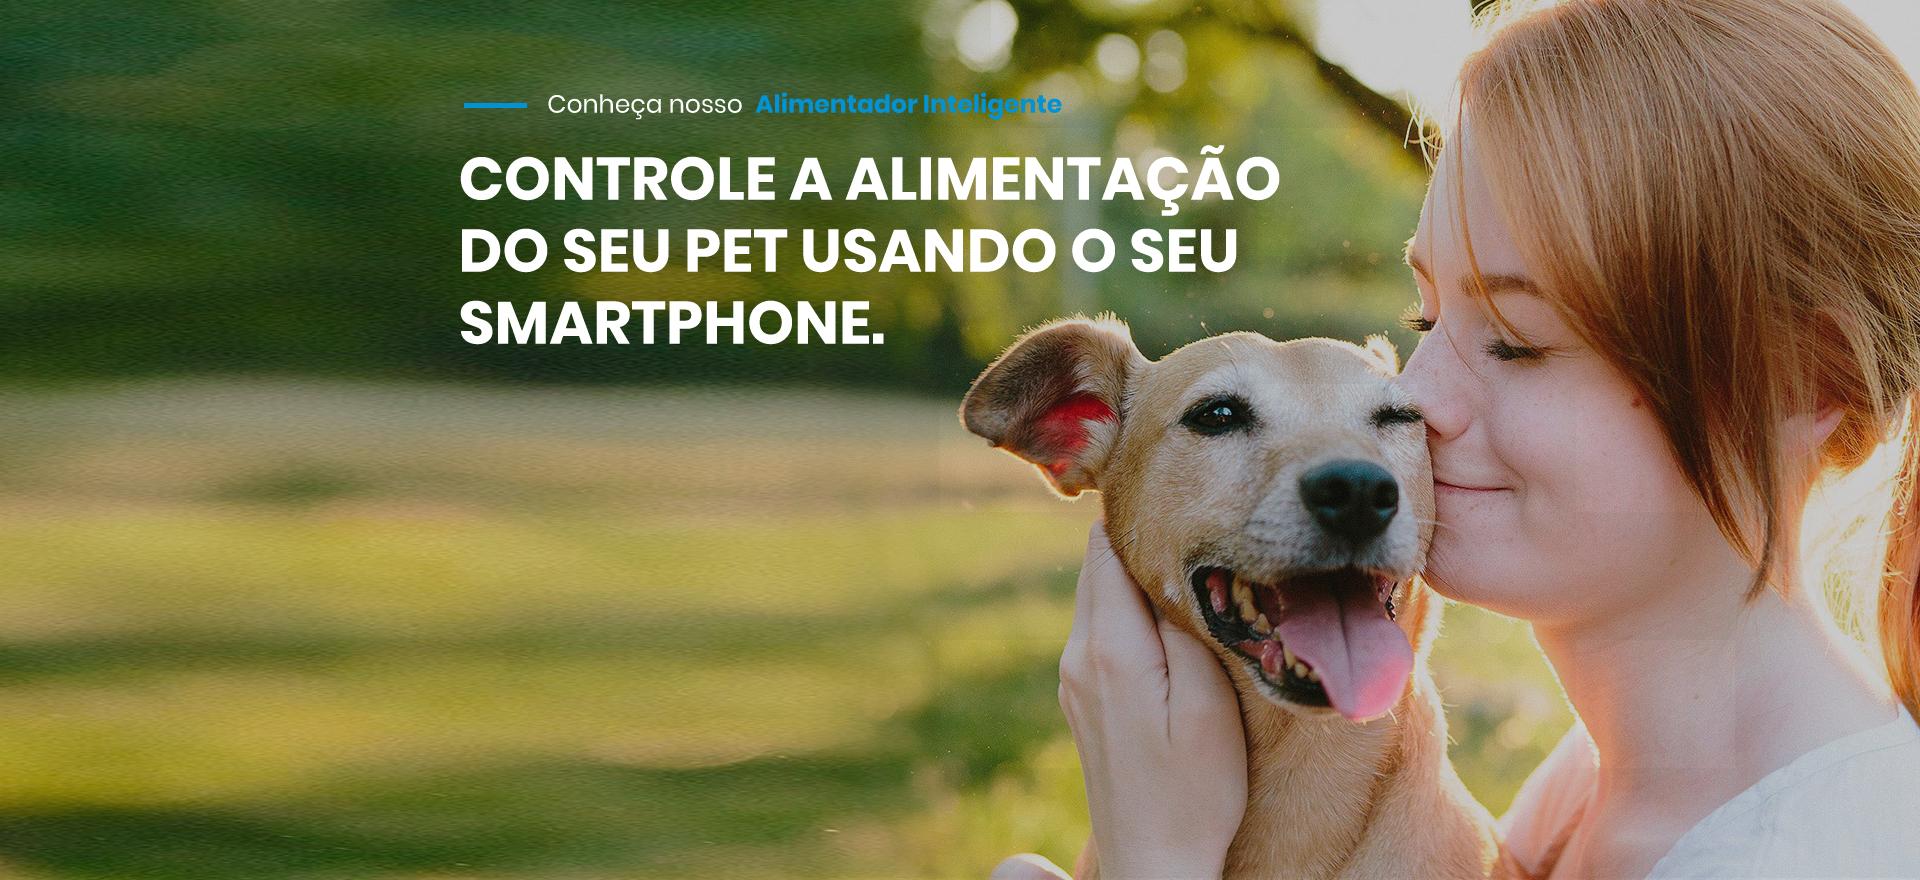 controle a alimentação do seu pet usando o seu smartphone.